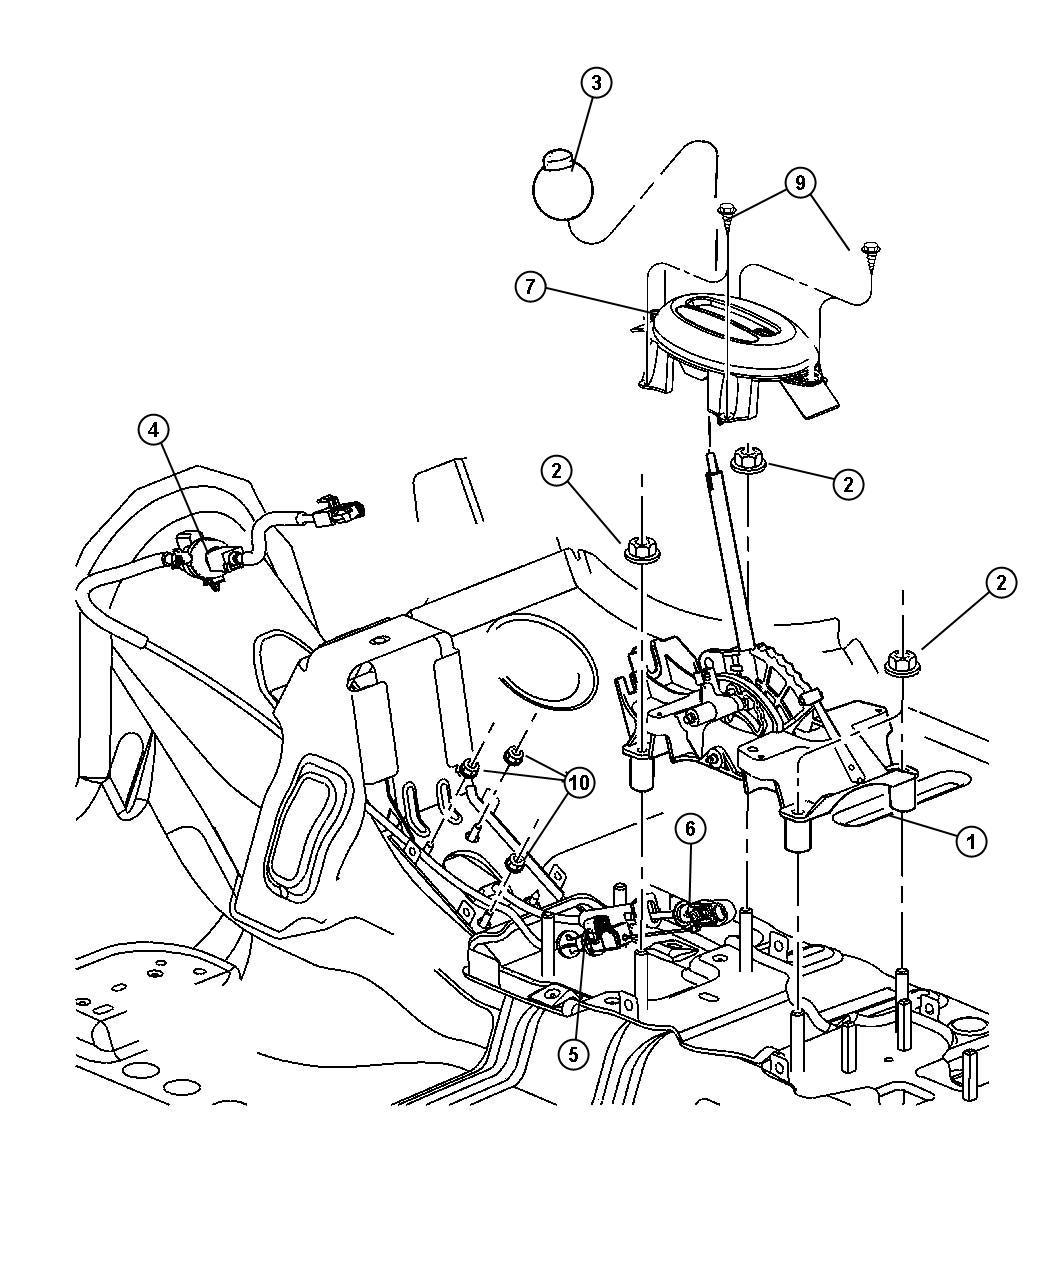 Chrysler Pt Cruiser Hatchback 4 Dr Gearshift Control